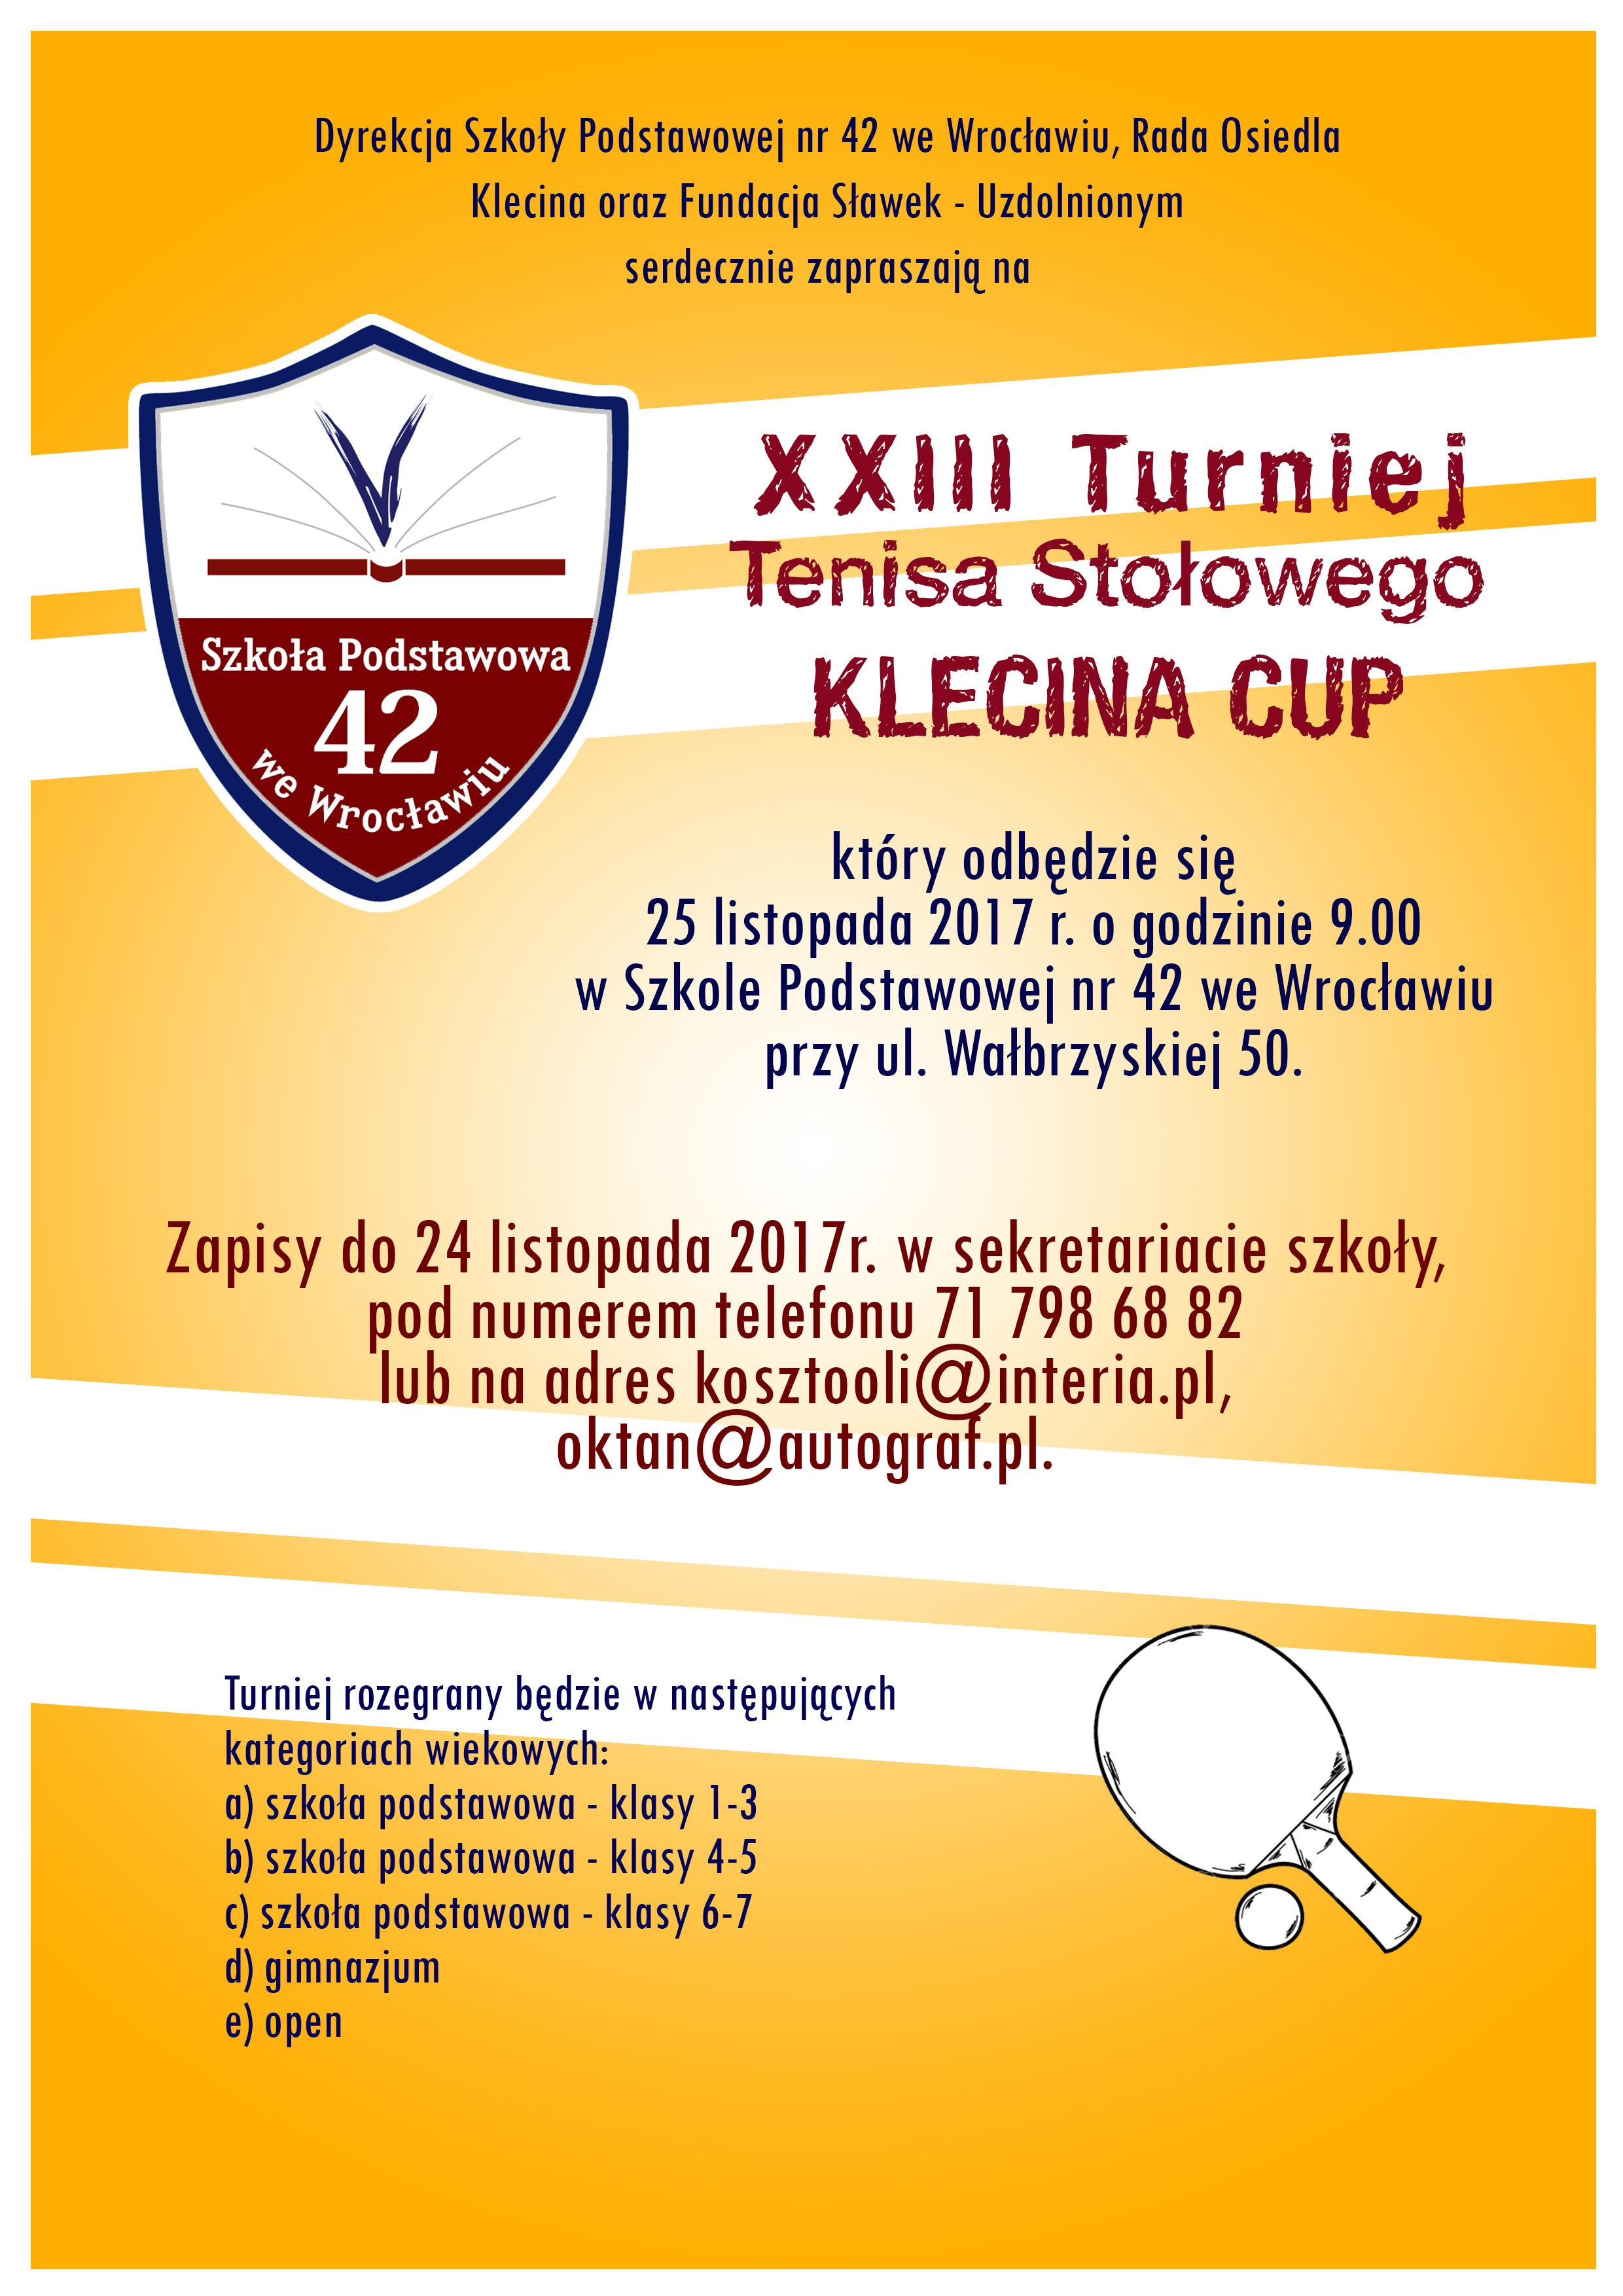 Plakat turnieju XXIII Turniej Tenisa Stołowego KLECINA CUP